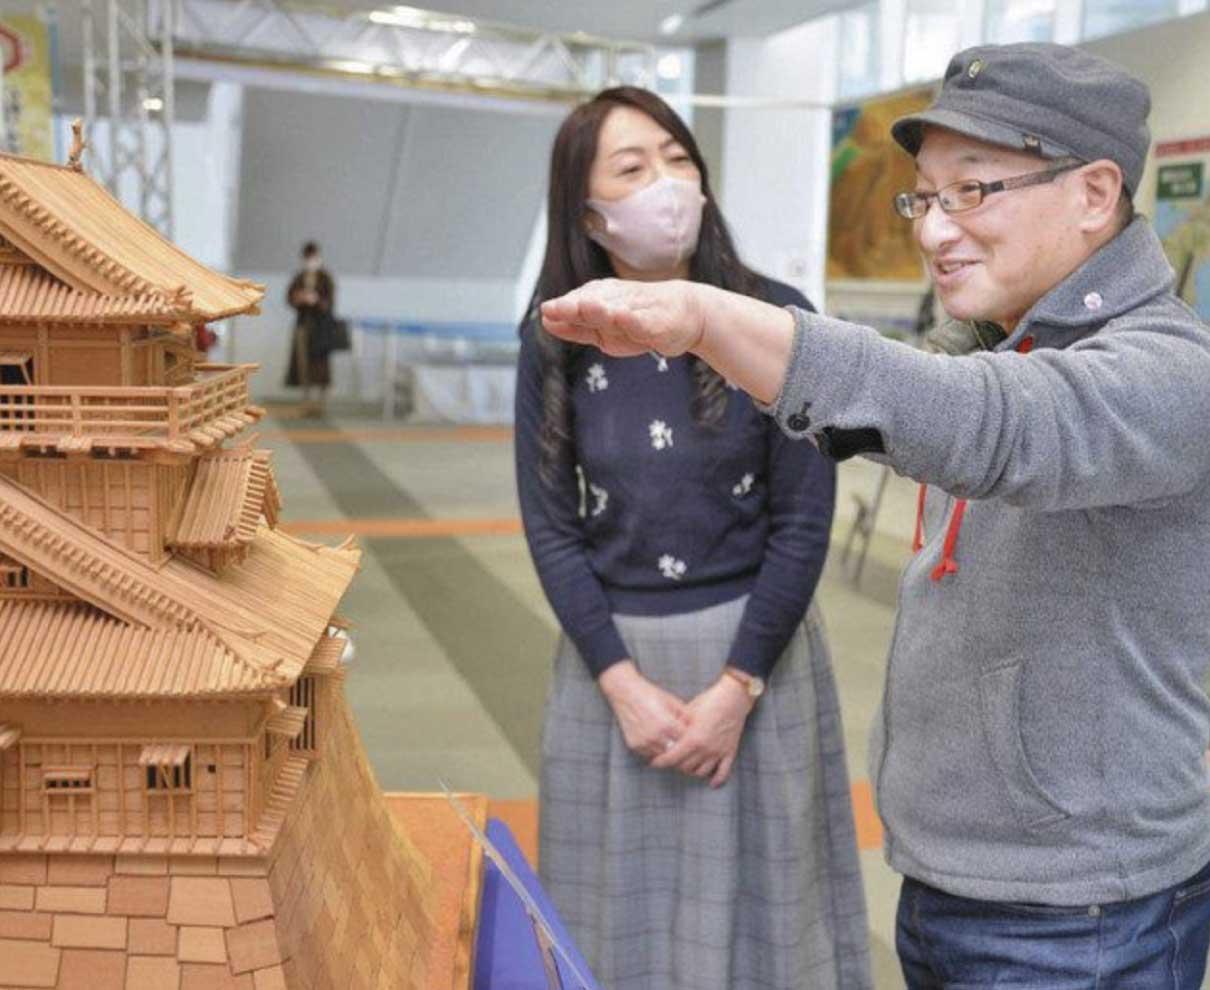 福井の城「見がいある」 春風亭昇太さん、名城展を見学